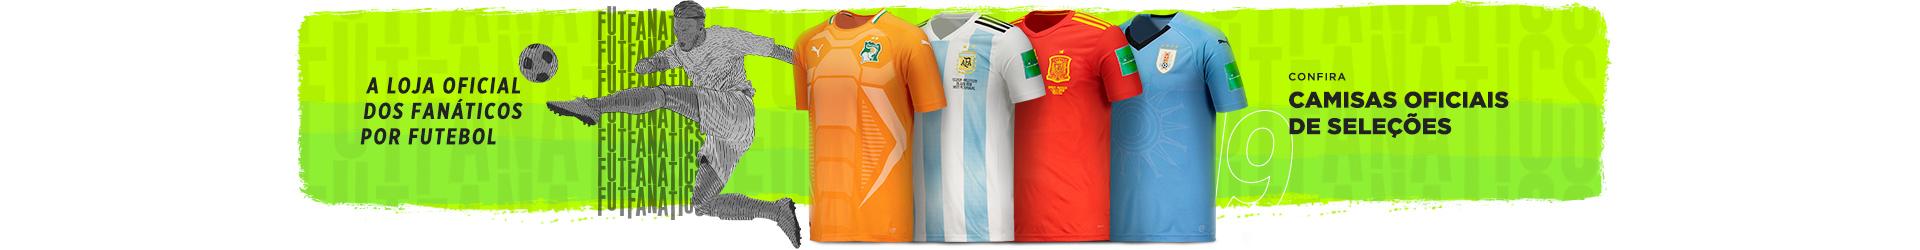 e51565ce53842 Camisas Oficiais de Futebol das Principais Seleções Sul-americanas ...